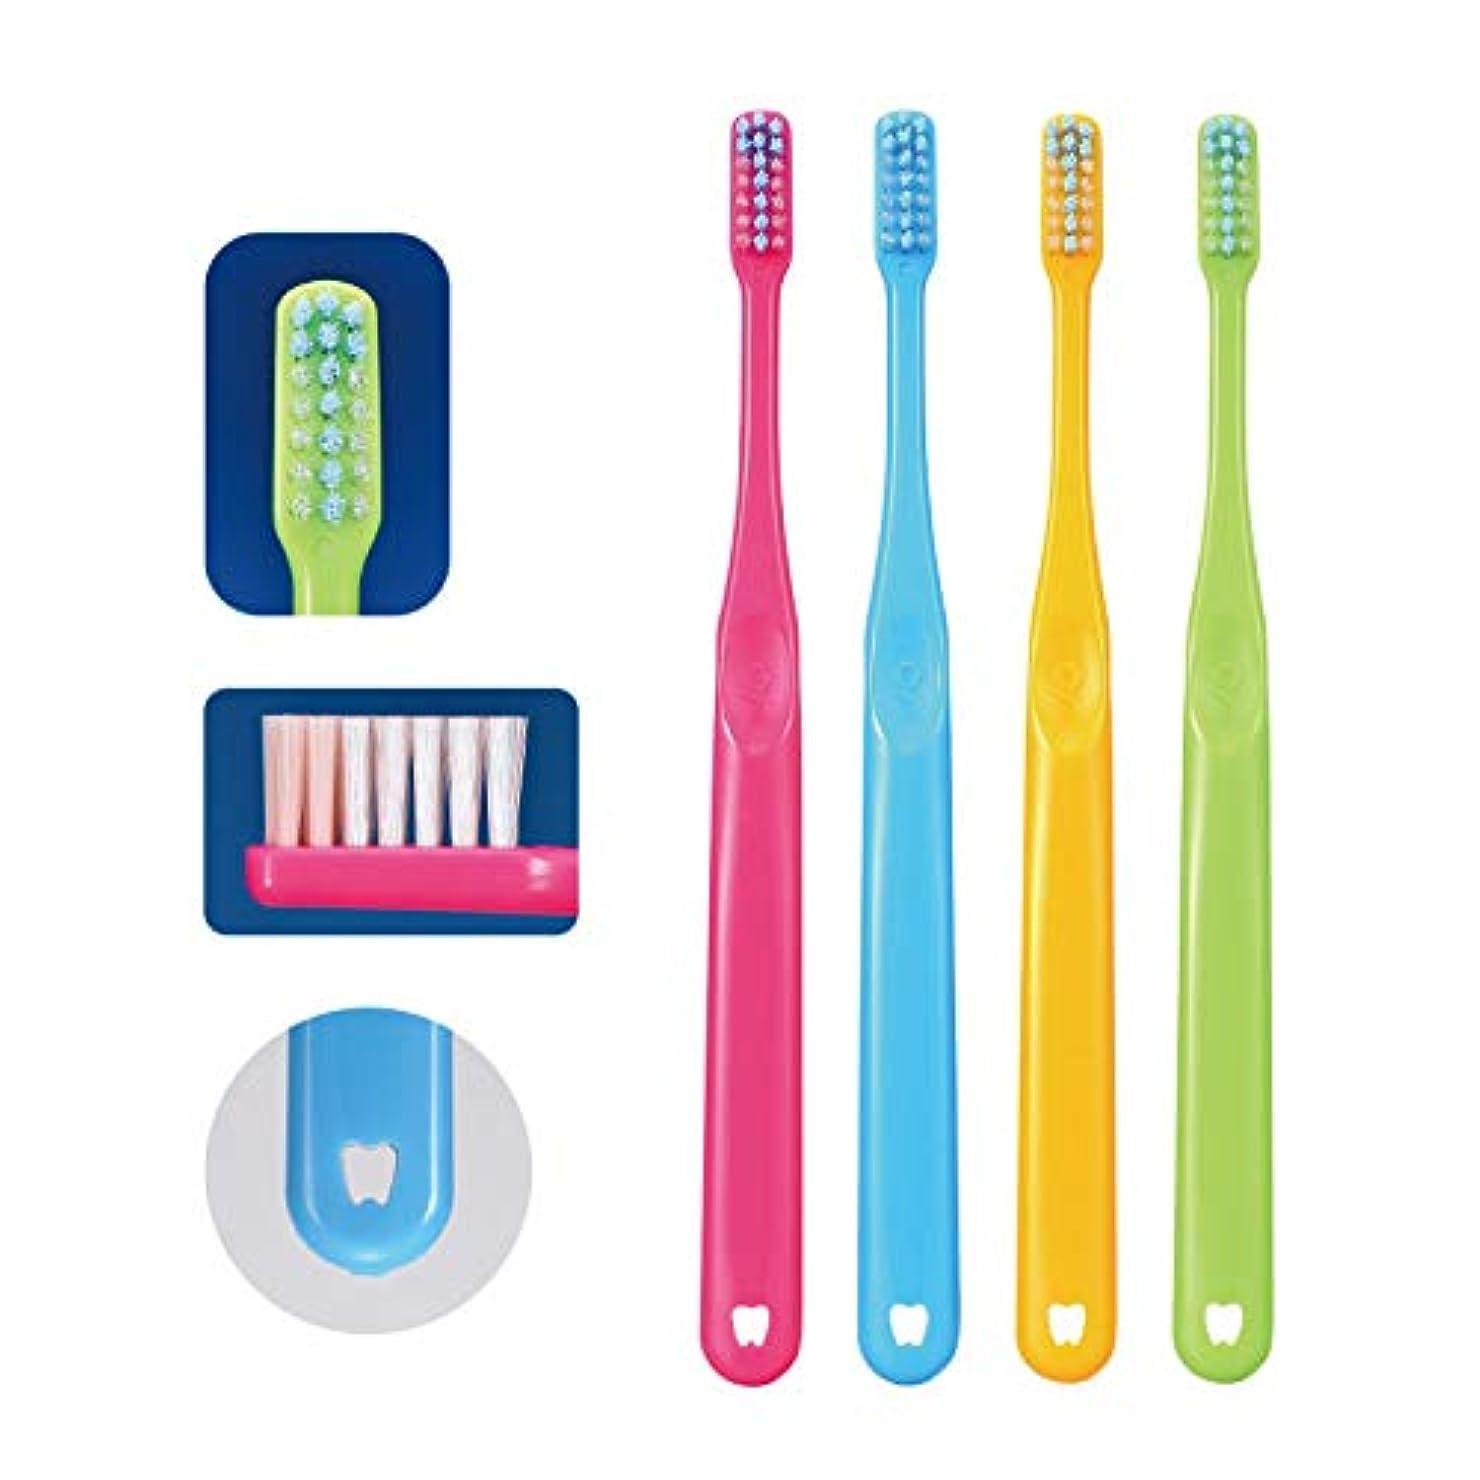 王朝ばか地平線Ci PRO PLUS プロプラス 歯ブラシ 20本 S(やわらかめ) 日本製 プラーク除去 歯科専売品